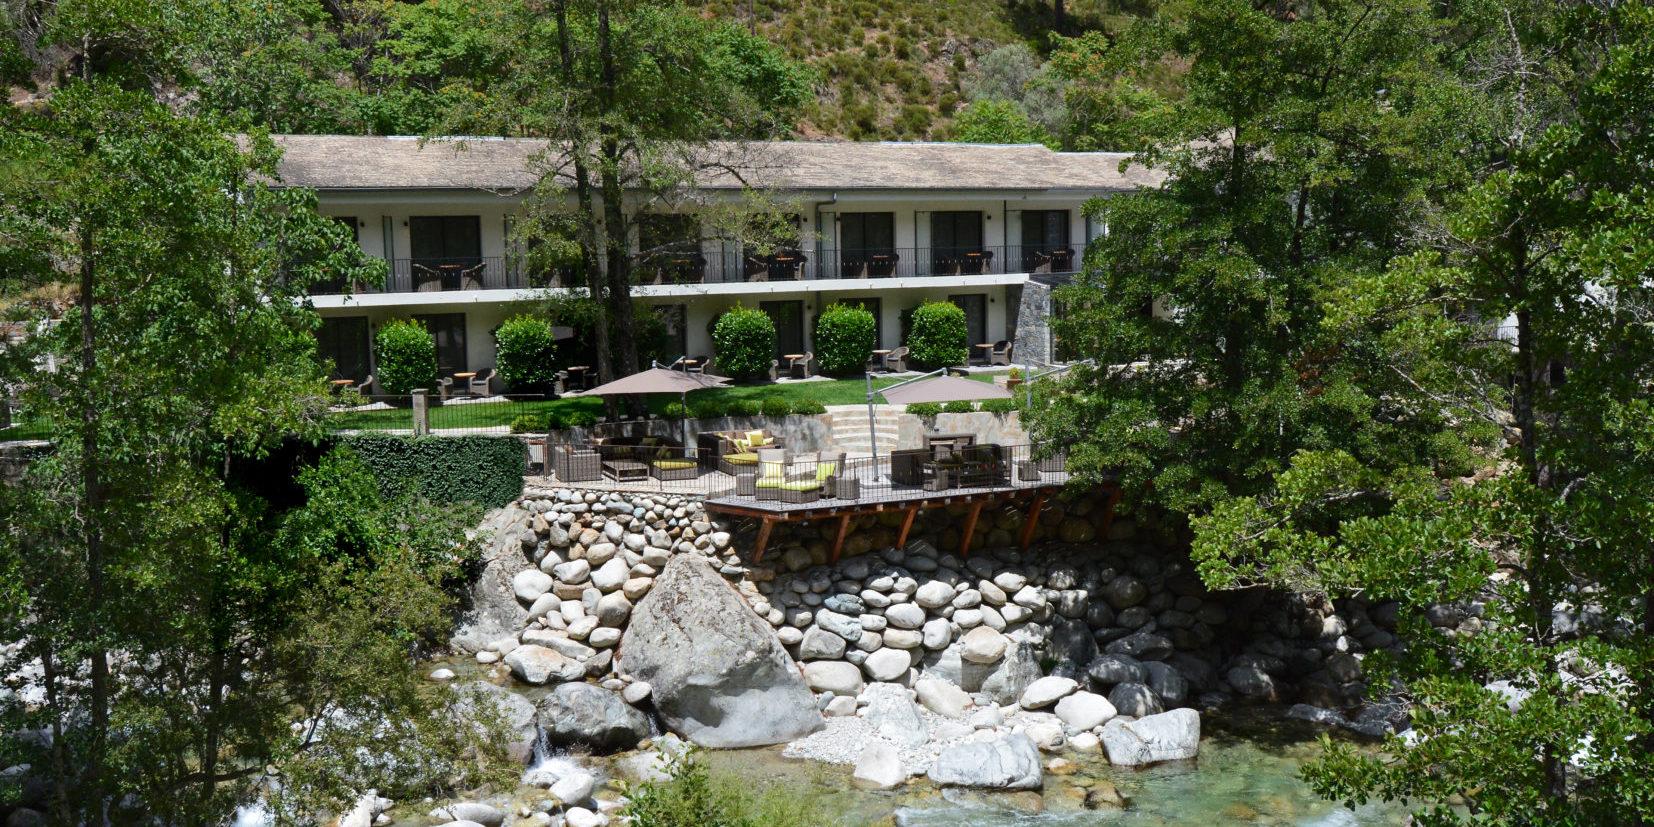 Hotel Dominique Colonna Corte Restonica binnenland Corsica Frankrijk façade rivierzijde terras